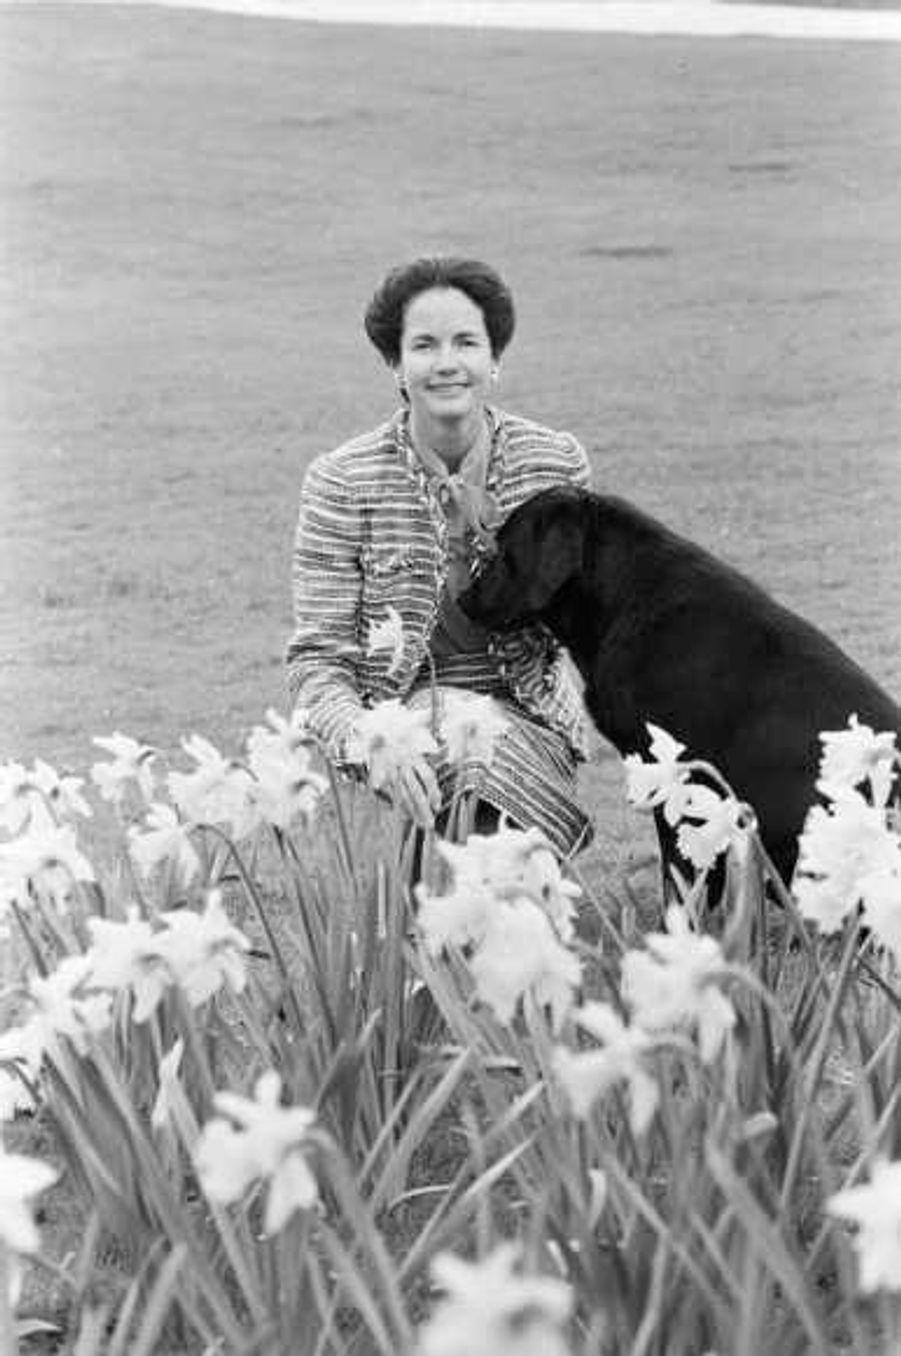 Née le 10 avril 1933 dans le VIIIe arrondissement de Paris, Anne-Aymone Giscard d'Estaing (sur le cliché en mai 1980) est l'épouse depuis 1952 de Valéry Giscard d'Estaing, qui fut le 20e président de la République française du 27 mai 1974 au 21 mai 1981. Le couple a quatre enfants: Valérie-Anne, née le 1er novembre 1953, Henri, né le 17 octobre 1956, Louis, né le 20 octobre 1958, et Jacinte, née le 3 mai 1960. Anne-Aymone Giscard d'Estaing est aussi la présidente de la Fondation pour l'enfance, qu'elle a créée en 1977 et qui vient en aide aux enfants ne pouvant pas être hébergés dans de bonnes conditions –son action la plus visible étant la soirée de bienfaisance annuelle au château de Versailles.